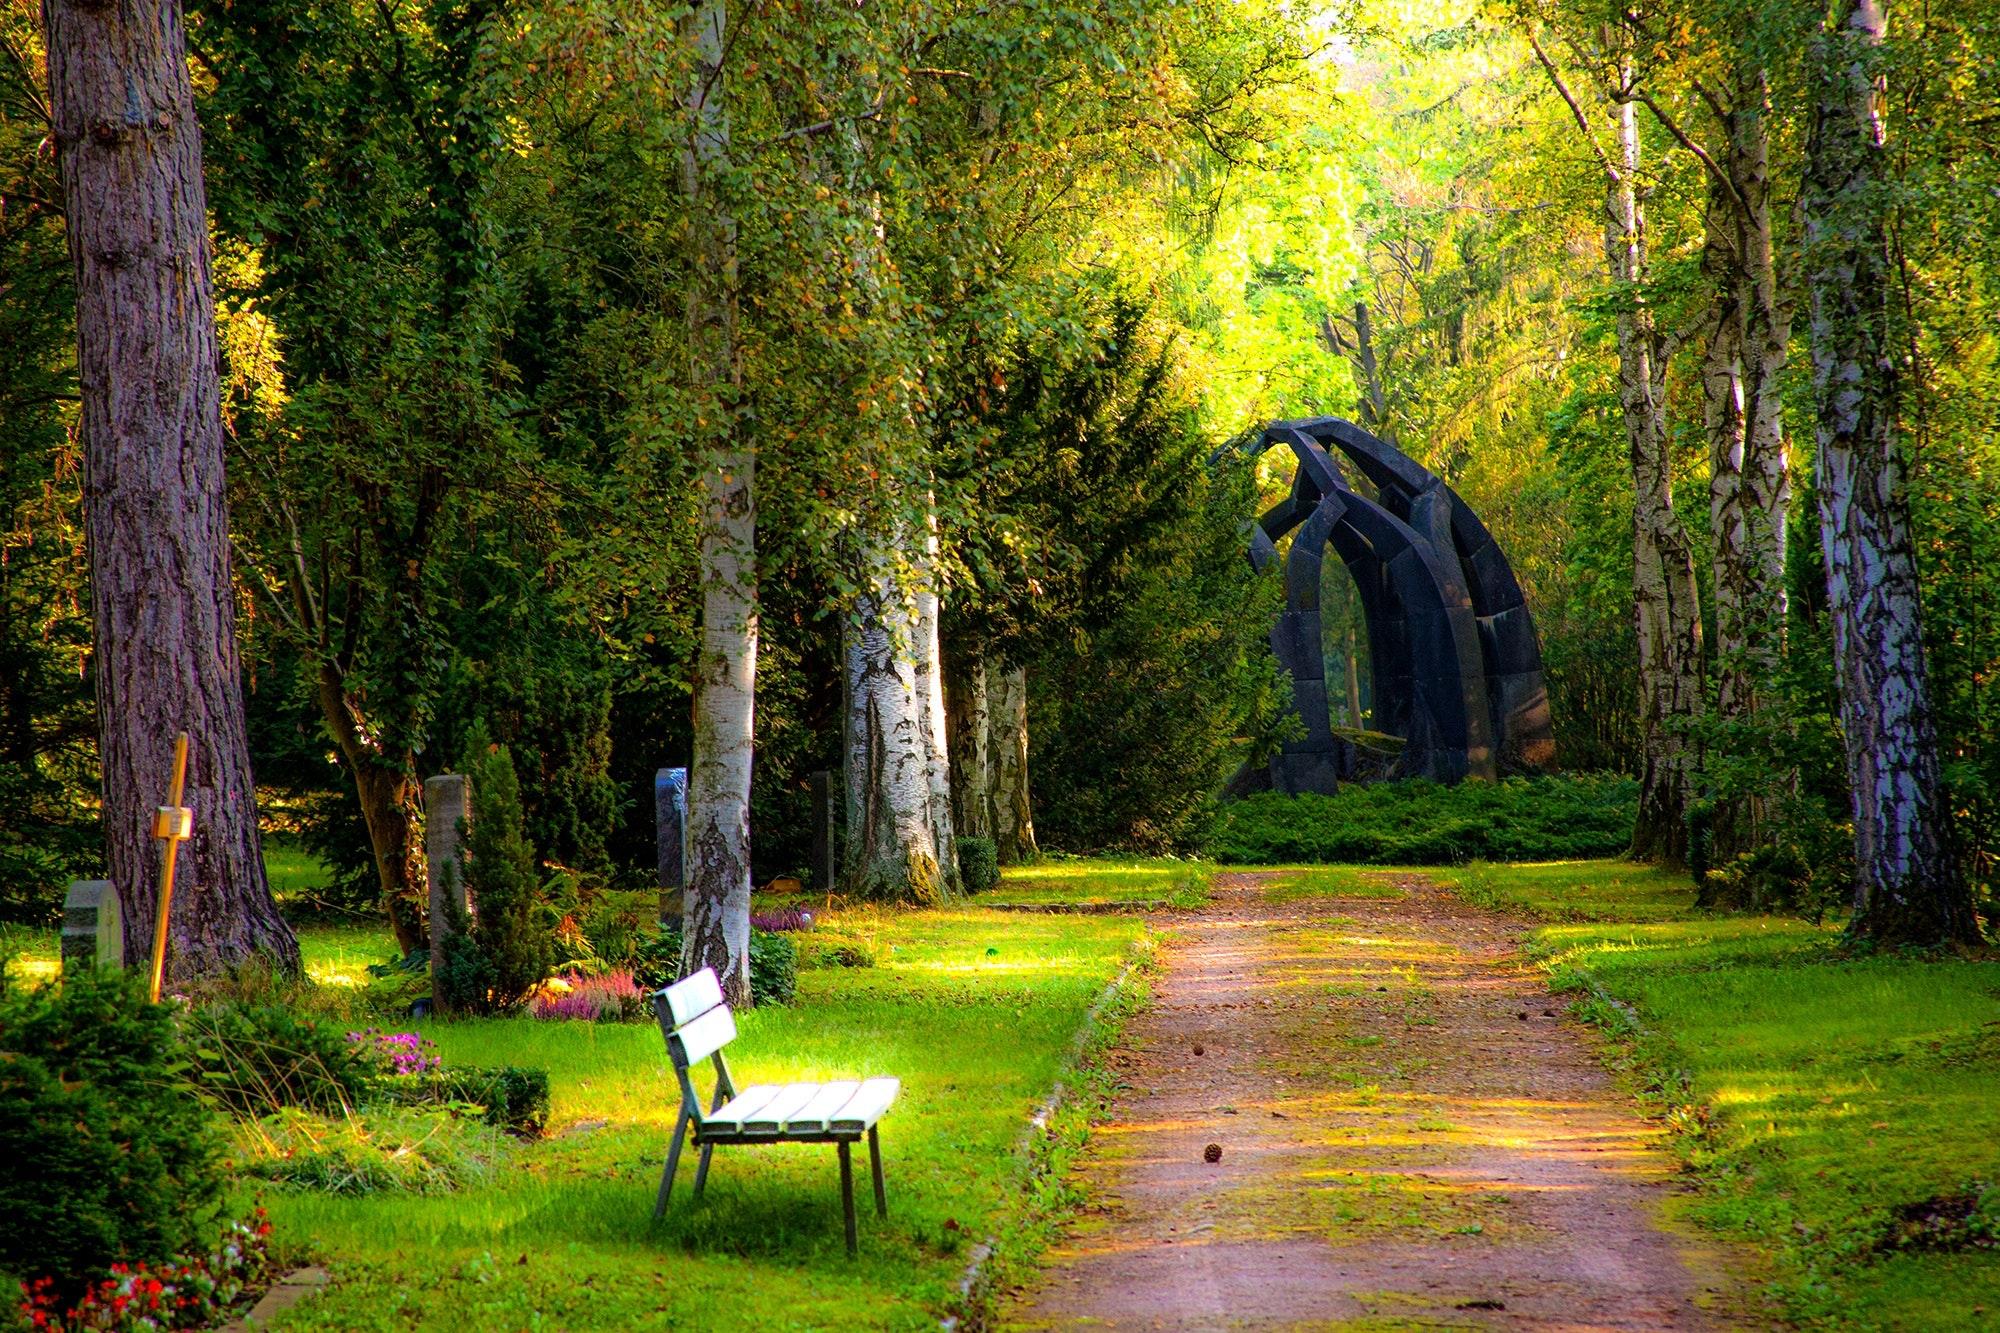 Hình nền phong cảnh rừng